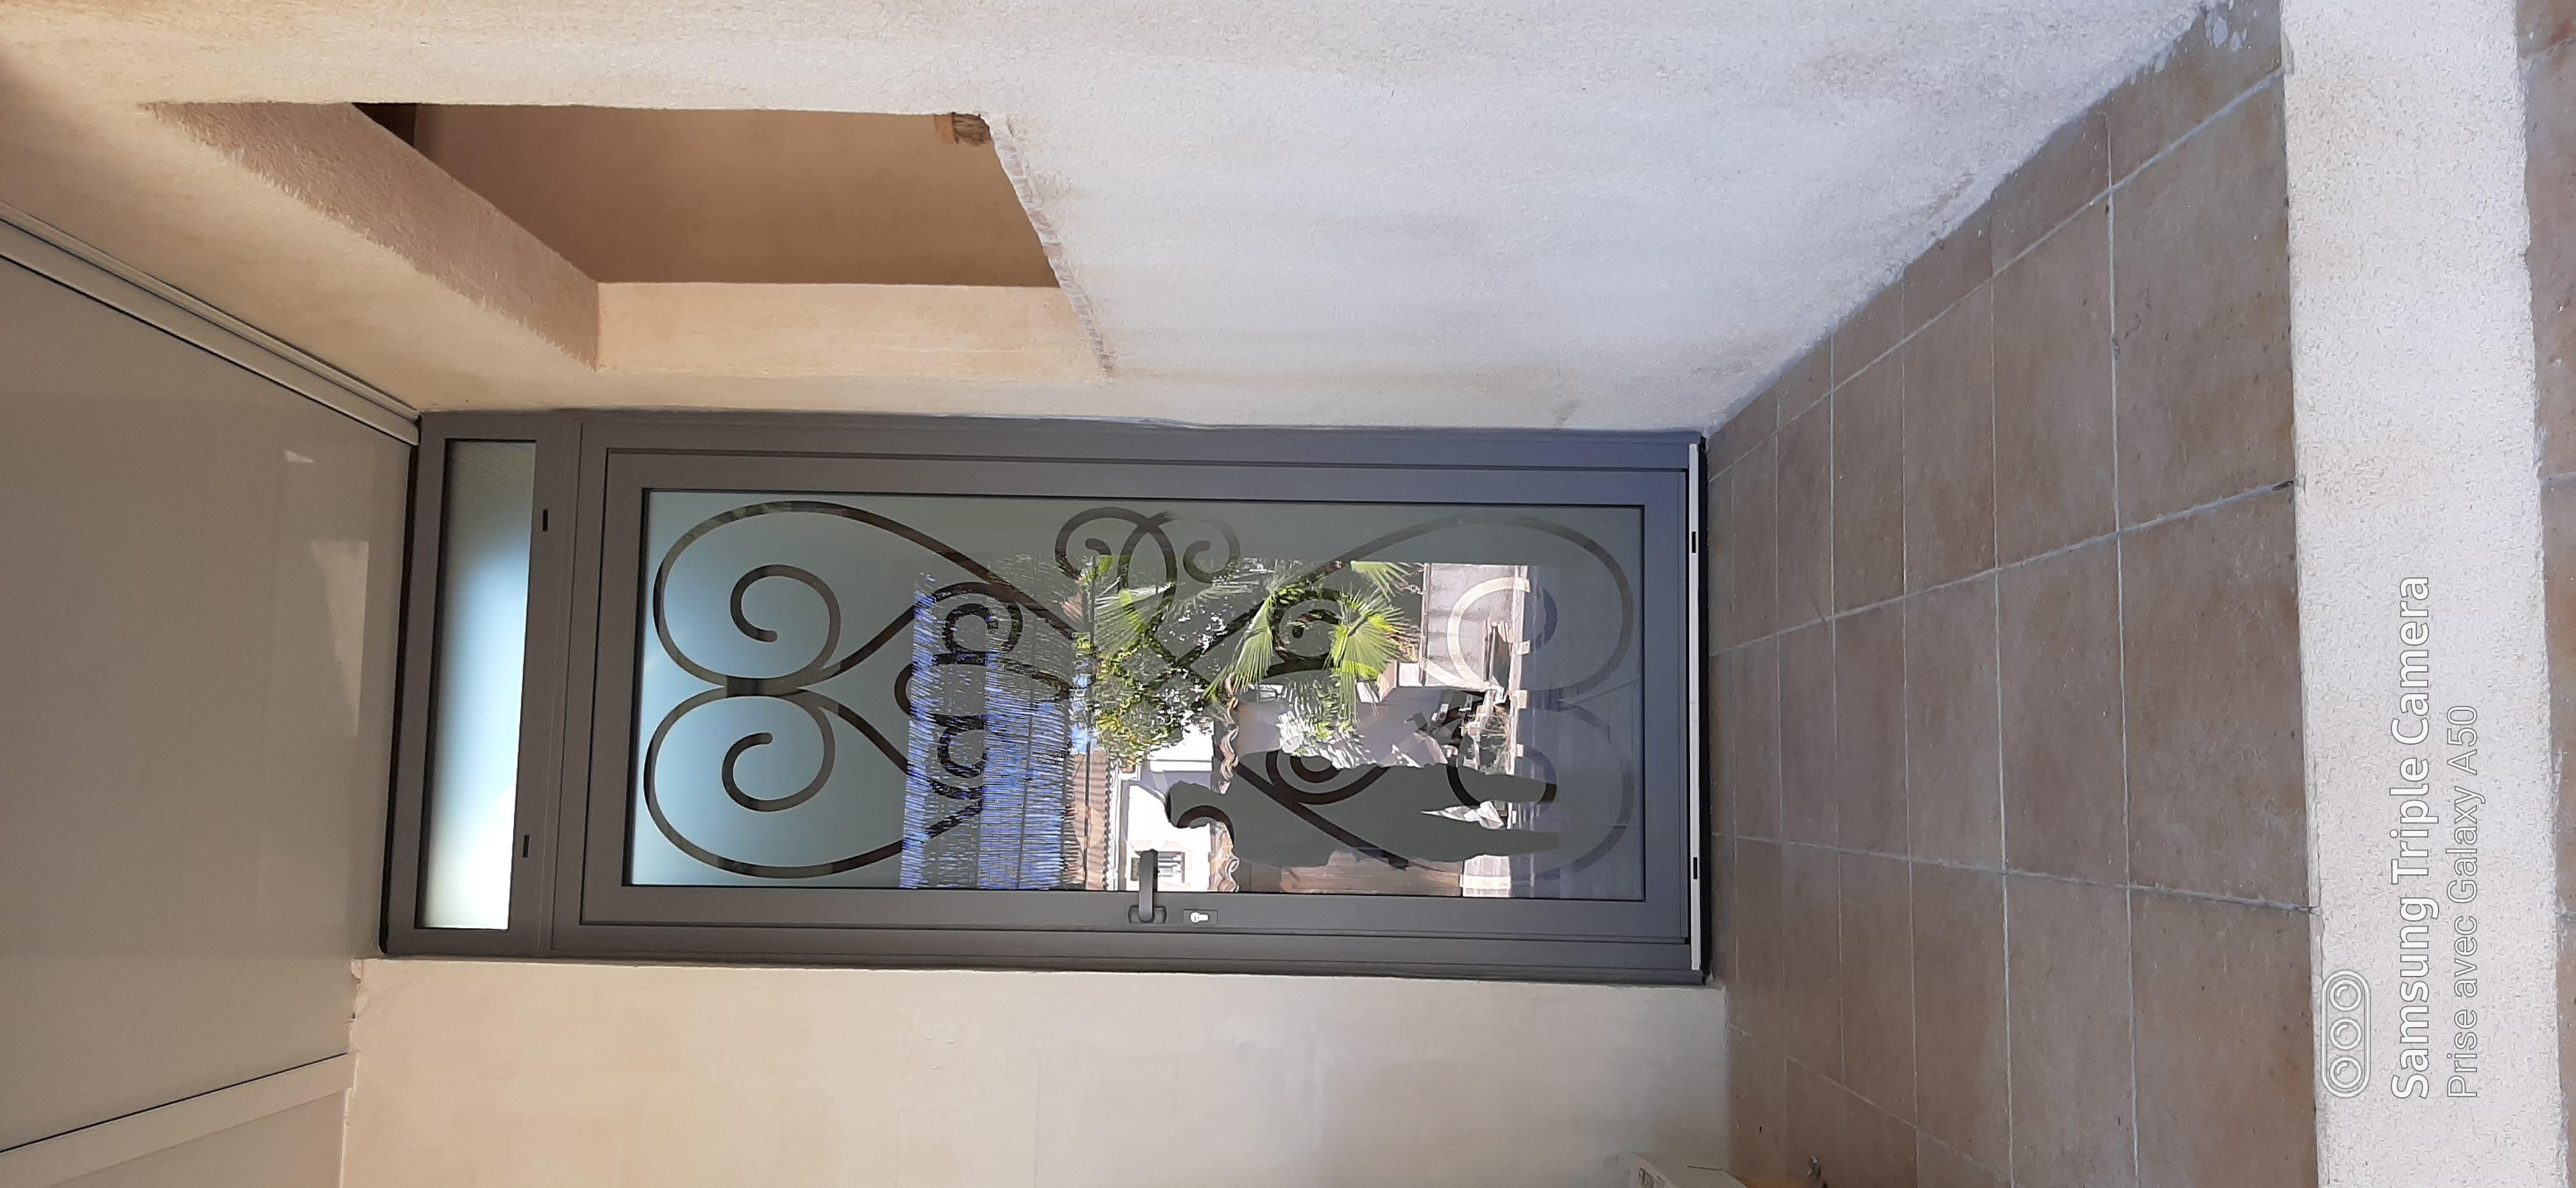 Porte d'entrée aluminium et verre